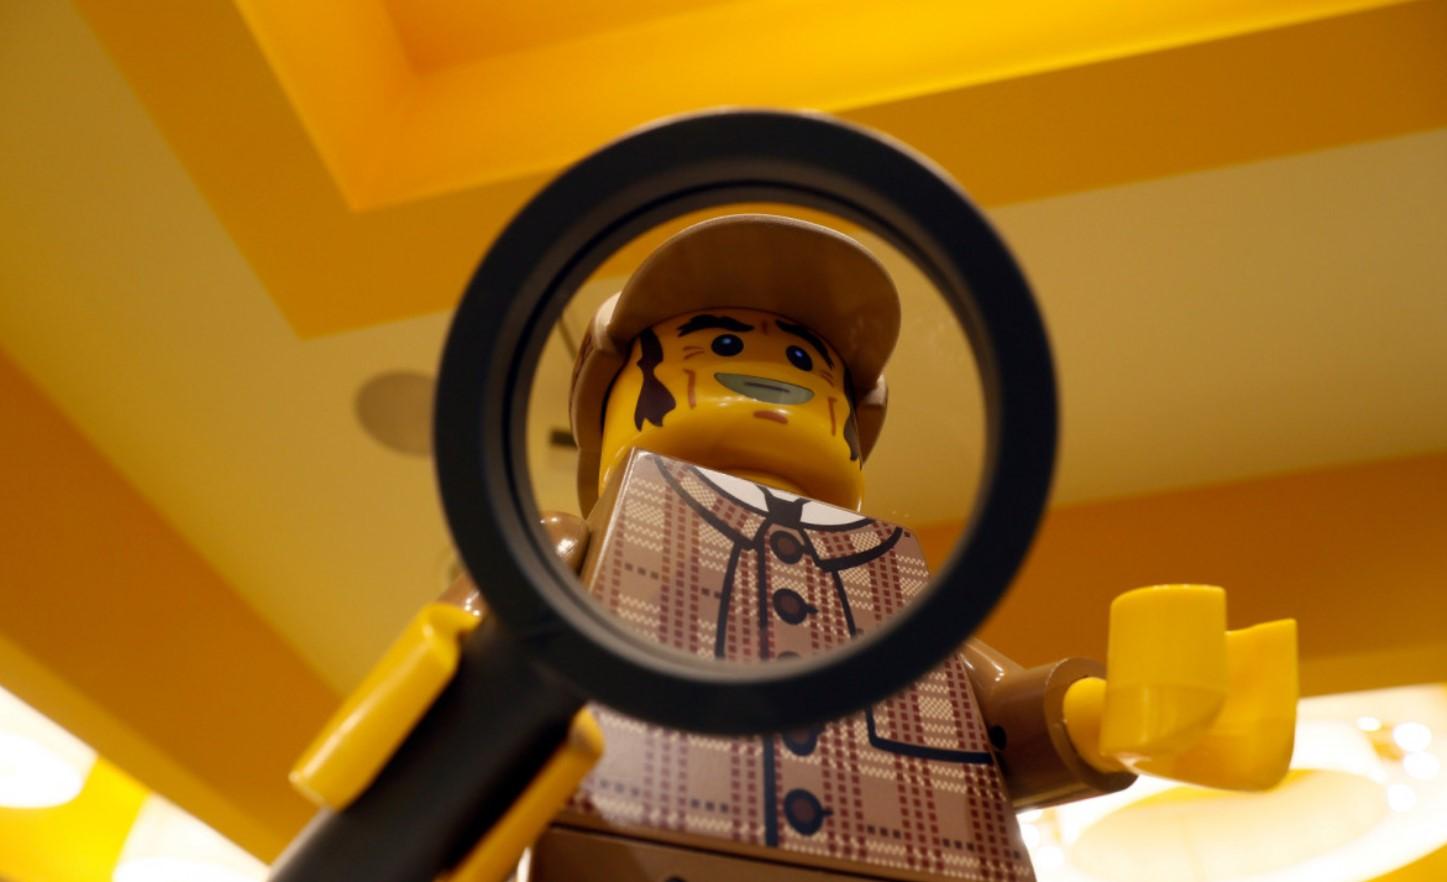 Умер создатель LEGO-фигурки человека— дизайнер Йенс Нигард Кнудсен